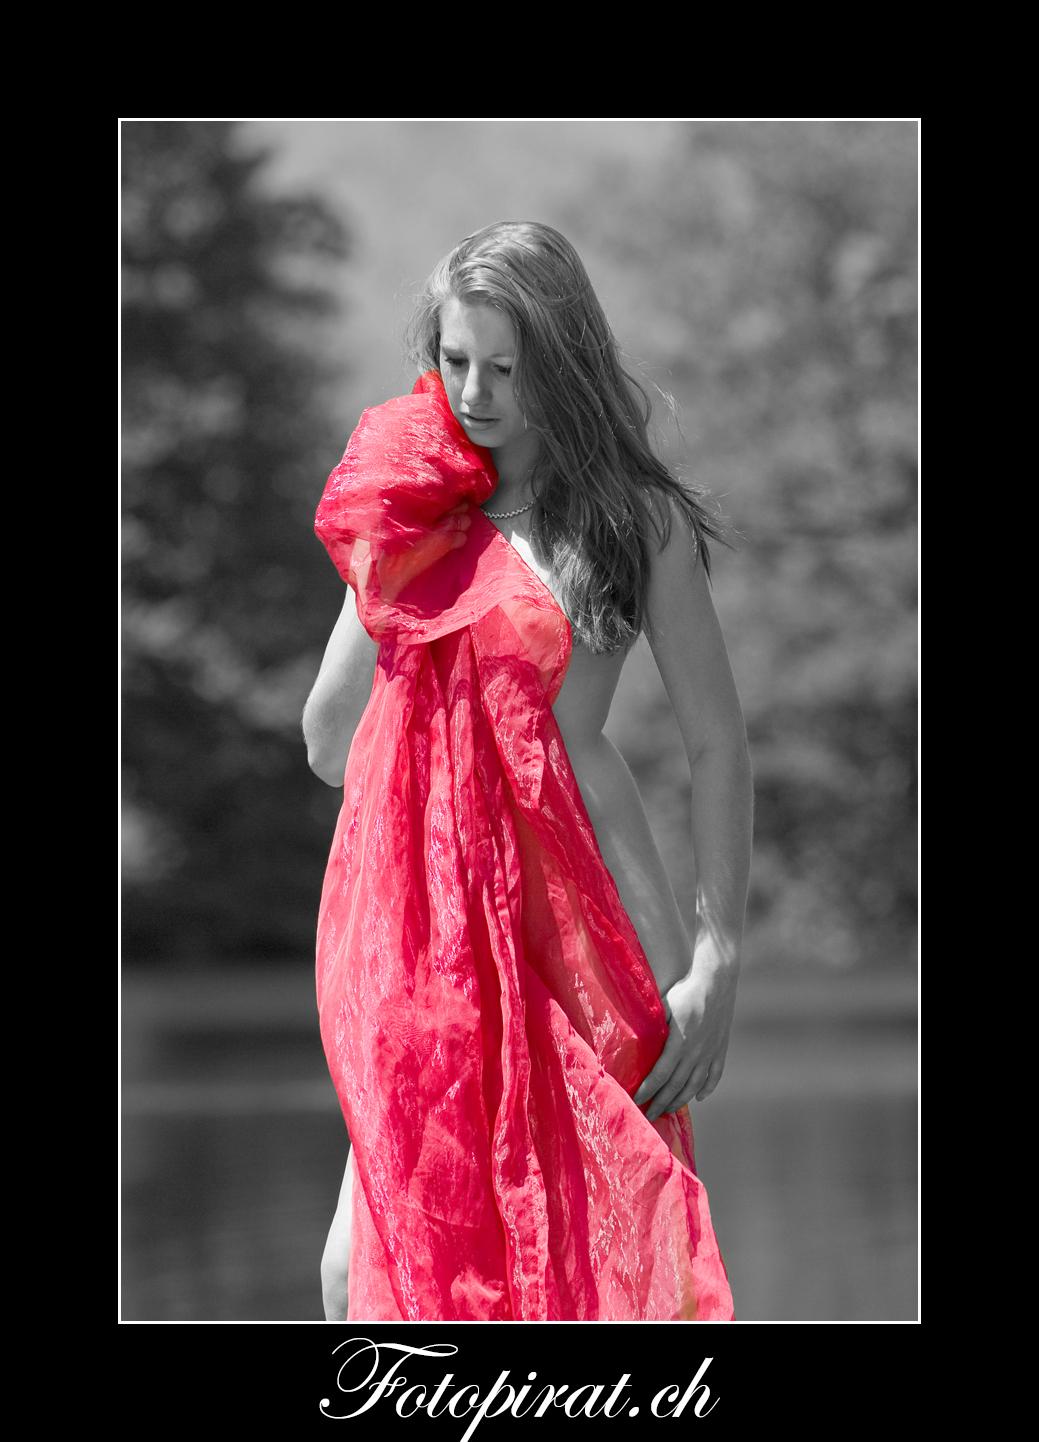 Fotoshooting, Outdoor Fotoshooting, Akt, Nackt, Nudeart, Nude, Modelagentur, Fotomodel, erotik, eyecatcher, schönes Model